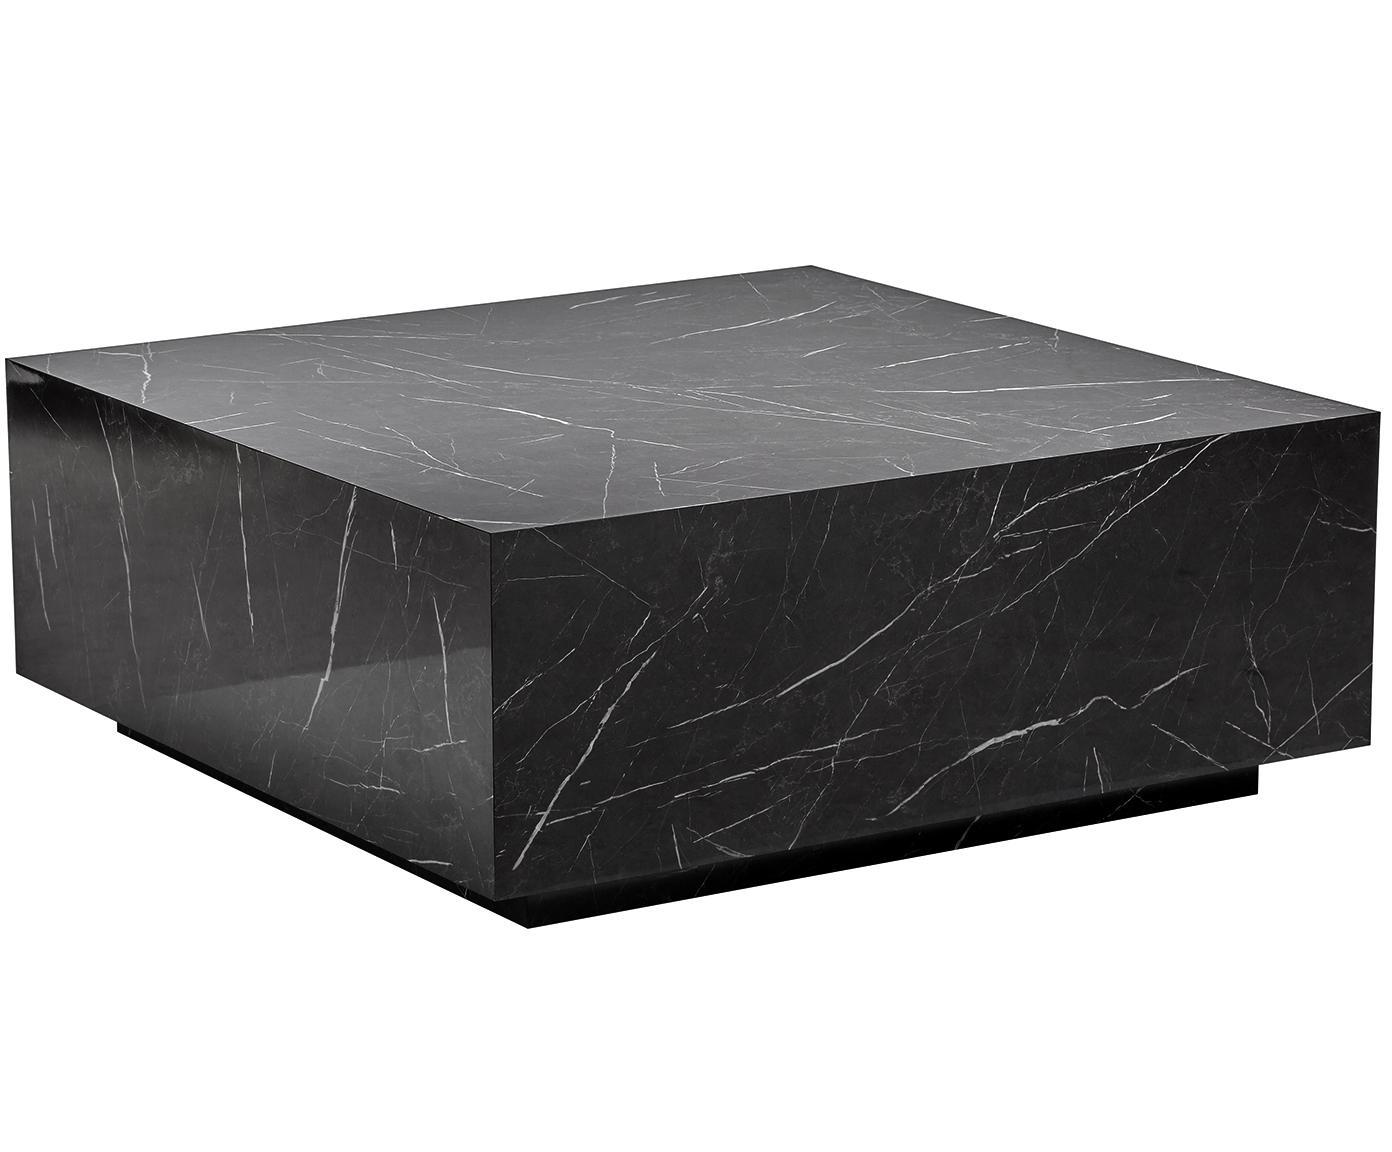 Schwebender Couchtisch Lesley in Marmoroptik, Mitteldichte Holzfaserplatte (MDF), mit Melaminfolie überzogen, Schwarz, marmoriert, B 90 x T 90 cm